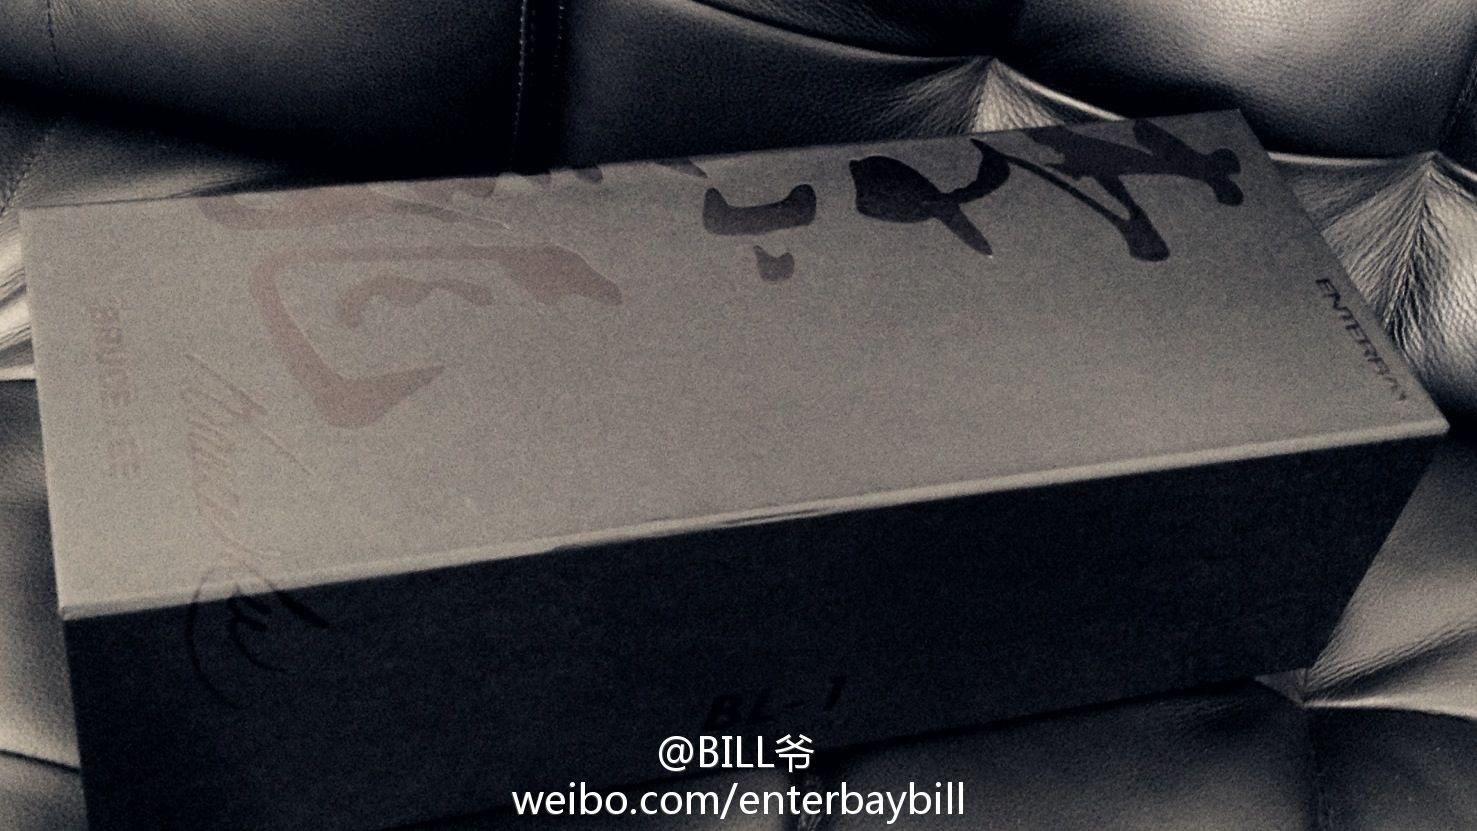 [Enterbay] Black Label - Bruce Lee - 1/6 Premium Statue 69464edejw1dsqpct0zfoj